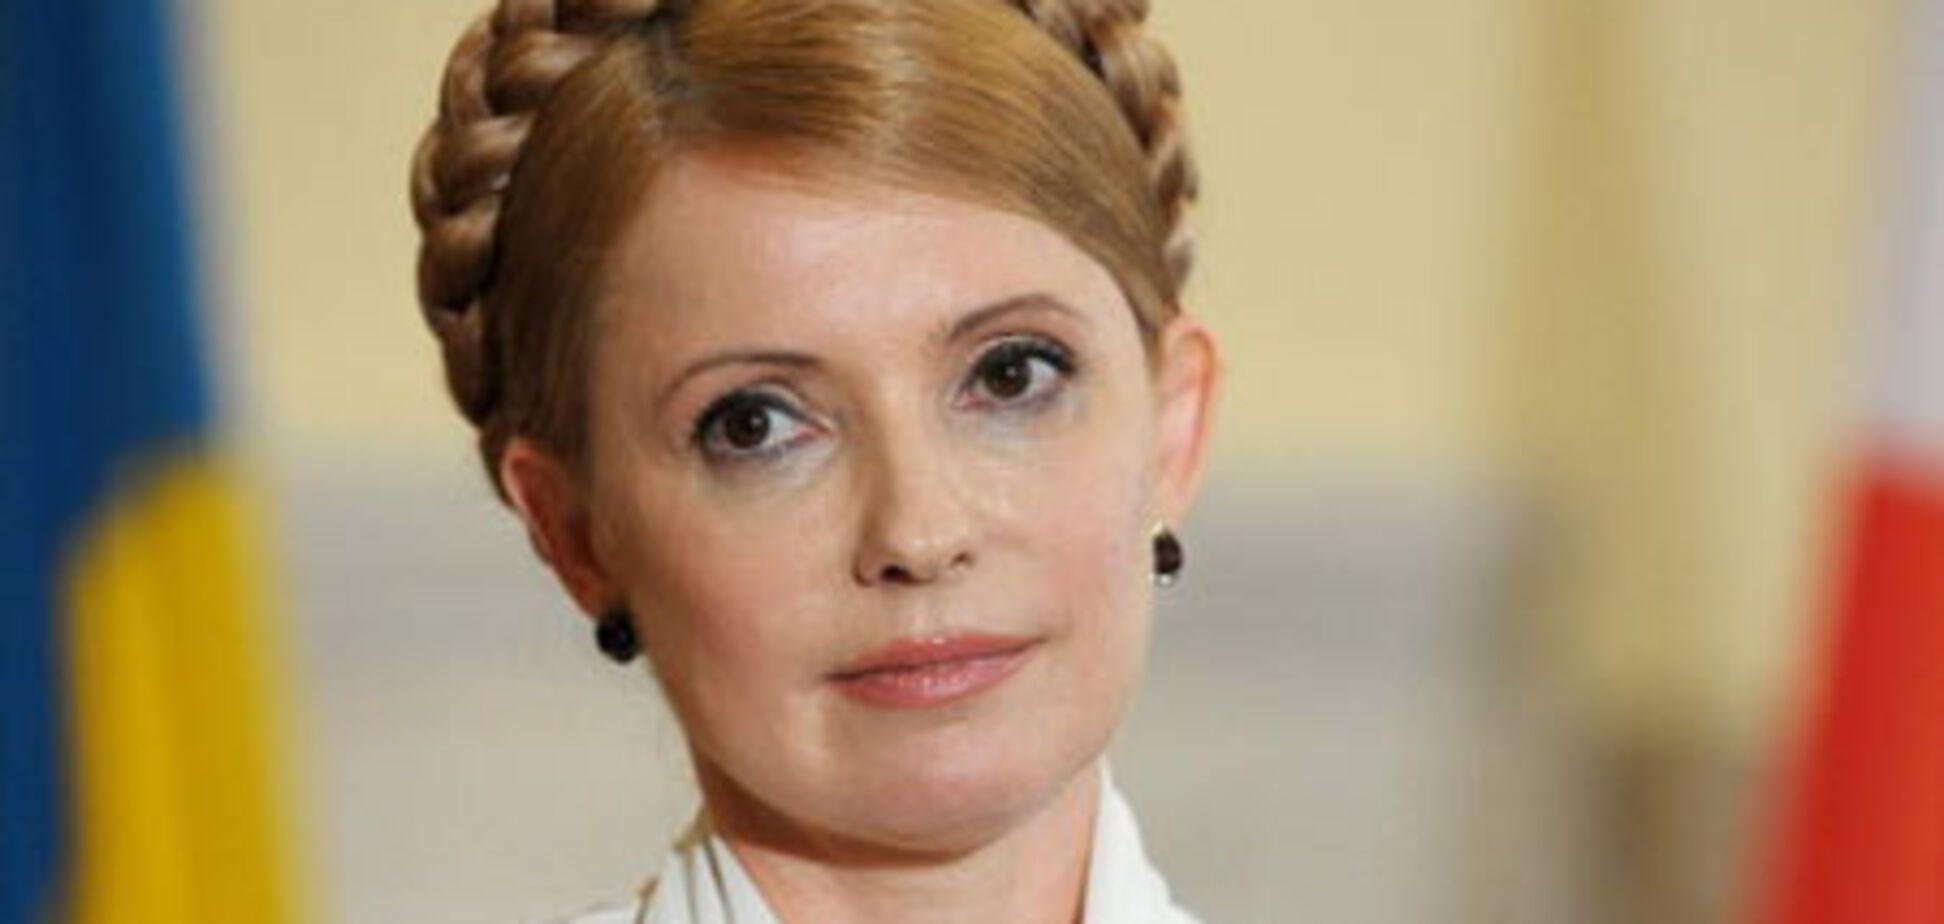 Криминал вокруг Тимошенко. Обзор